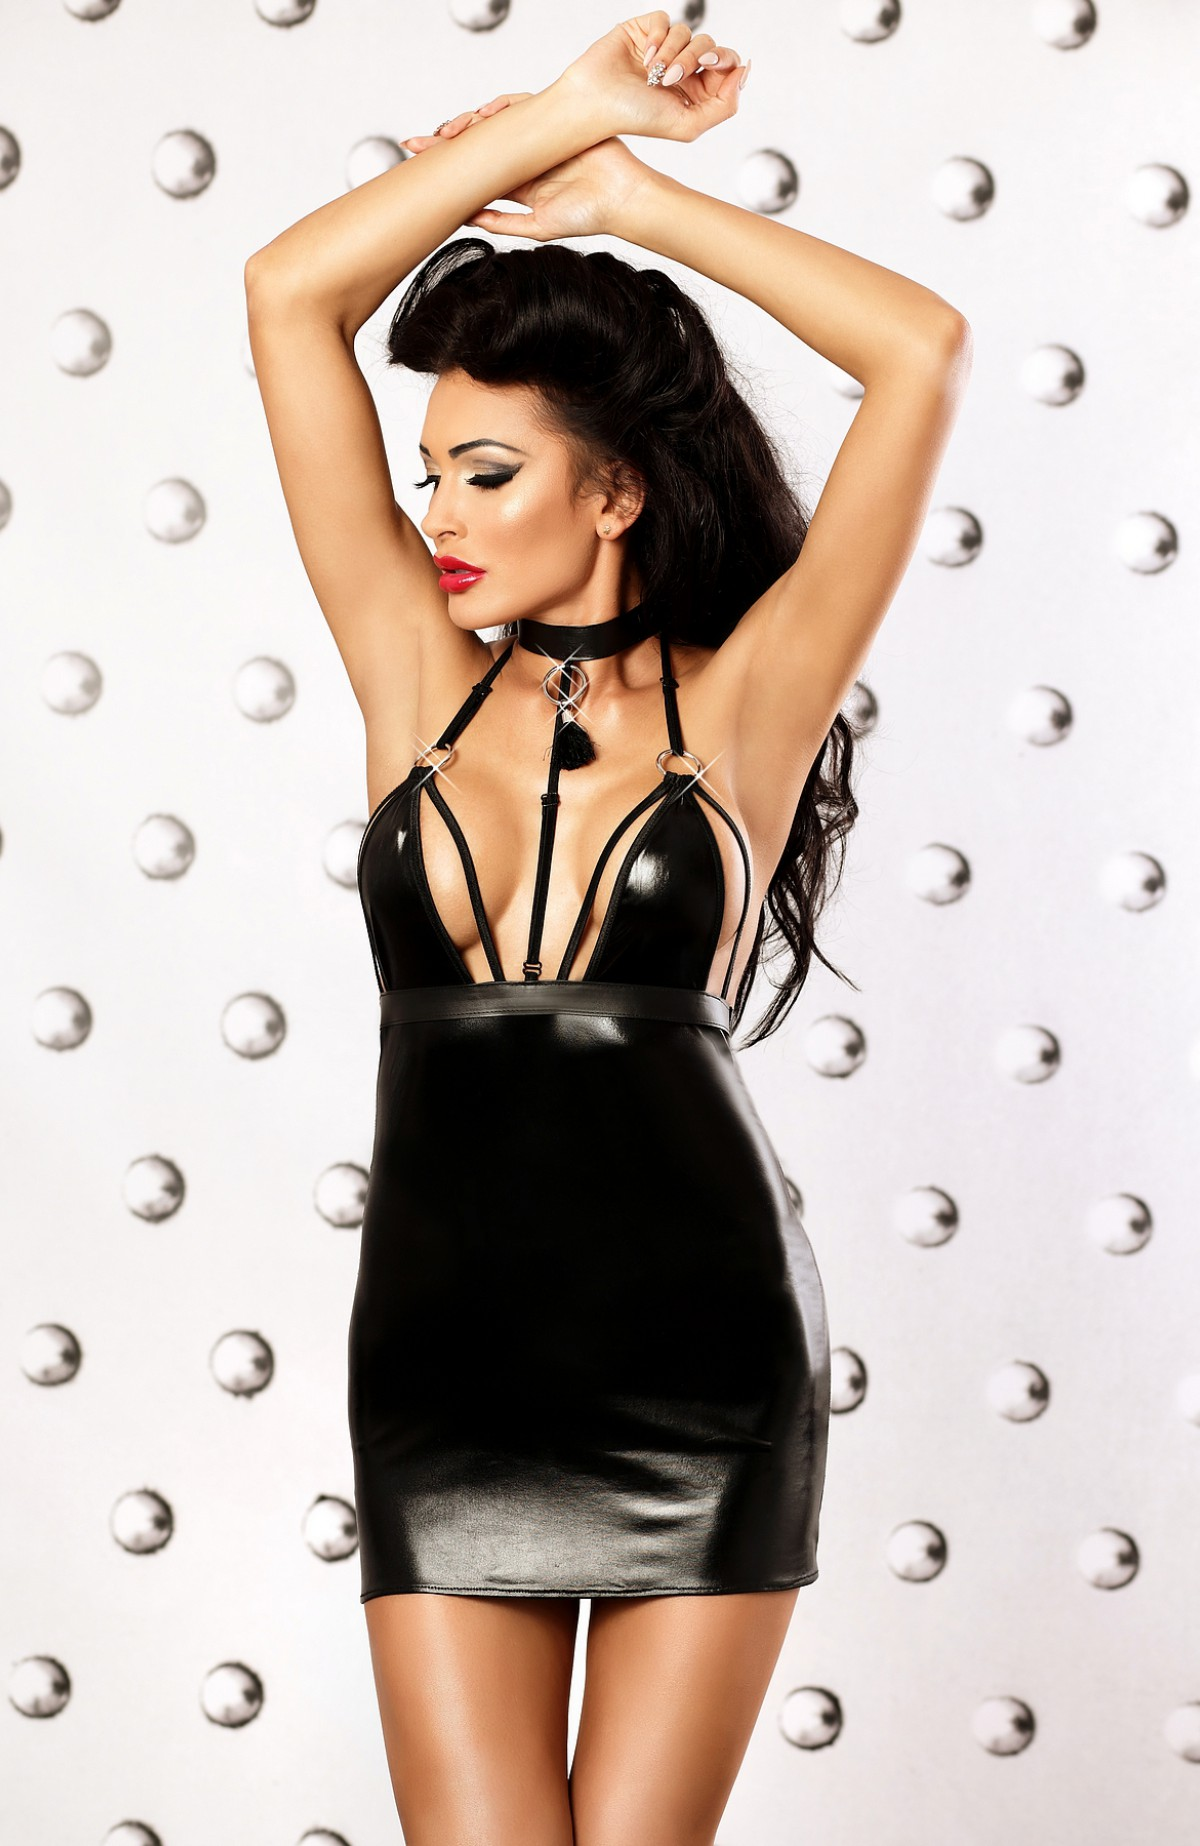 sexigakläder adoos erotiska tjänster